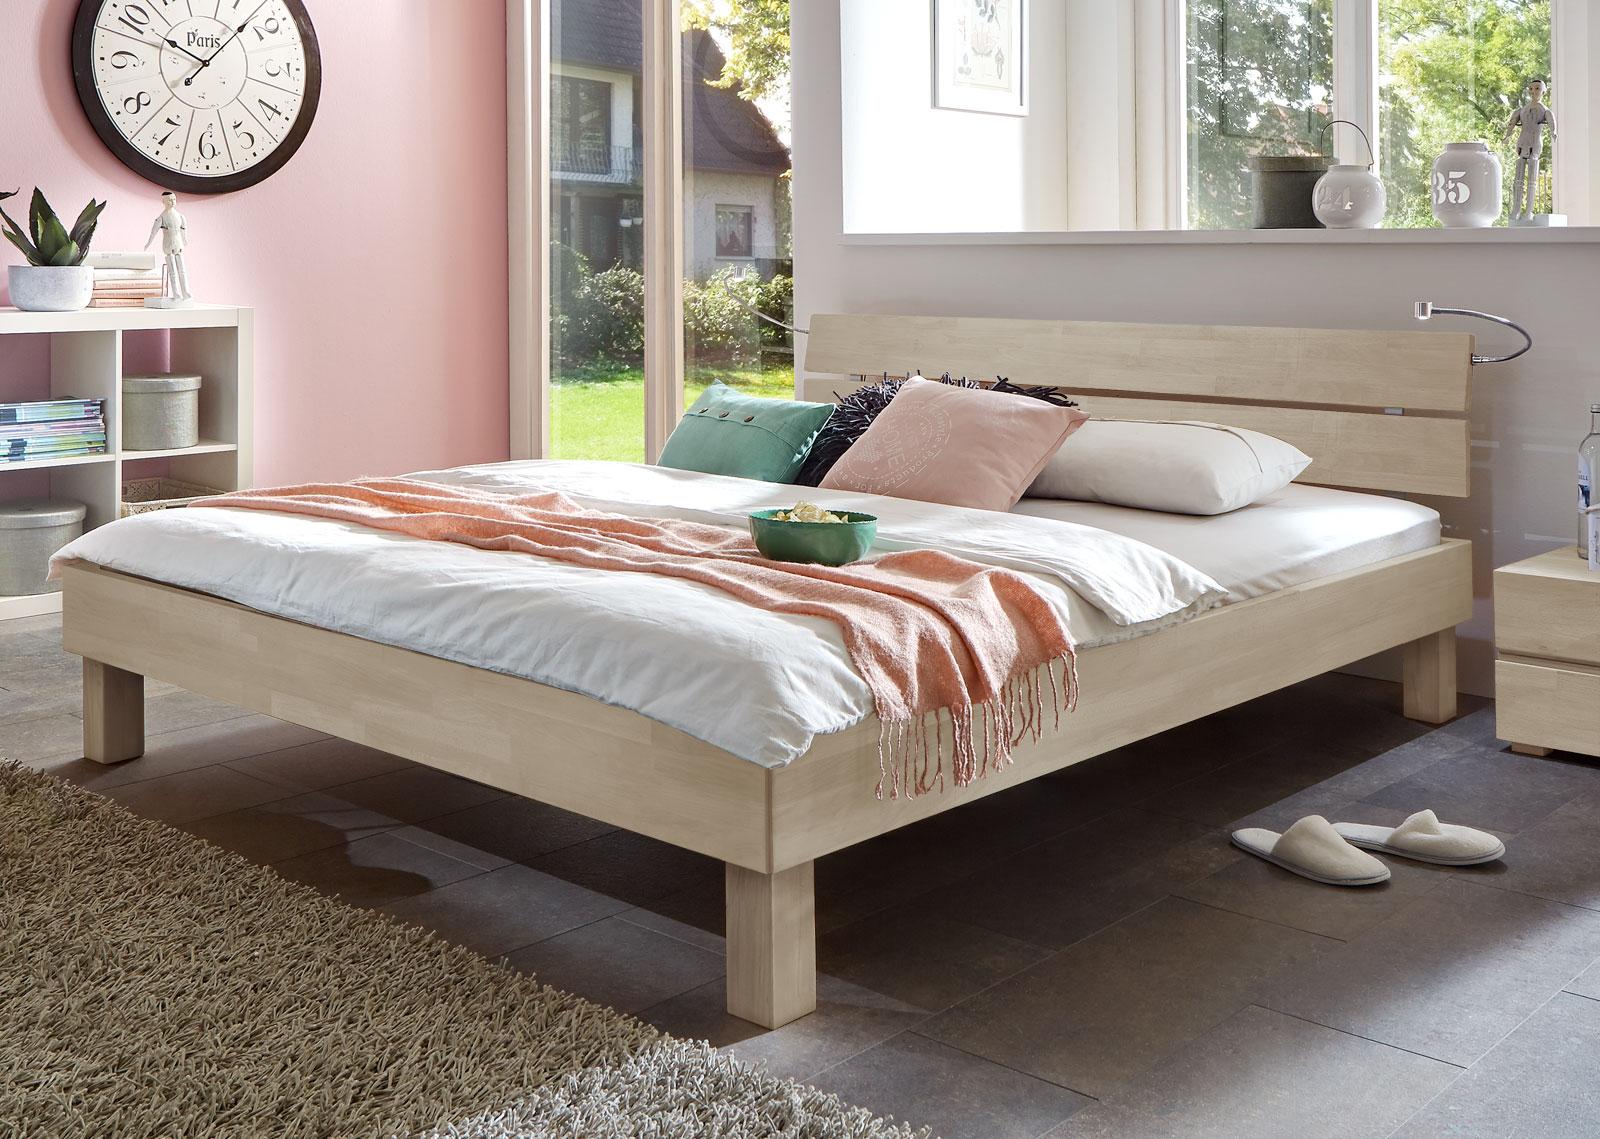 Full Size of Schickes Holzbett Madrid In Buche Online Kaufen Bettende Bett Www.betten.de